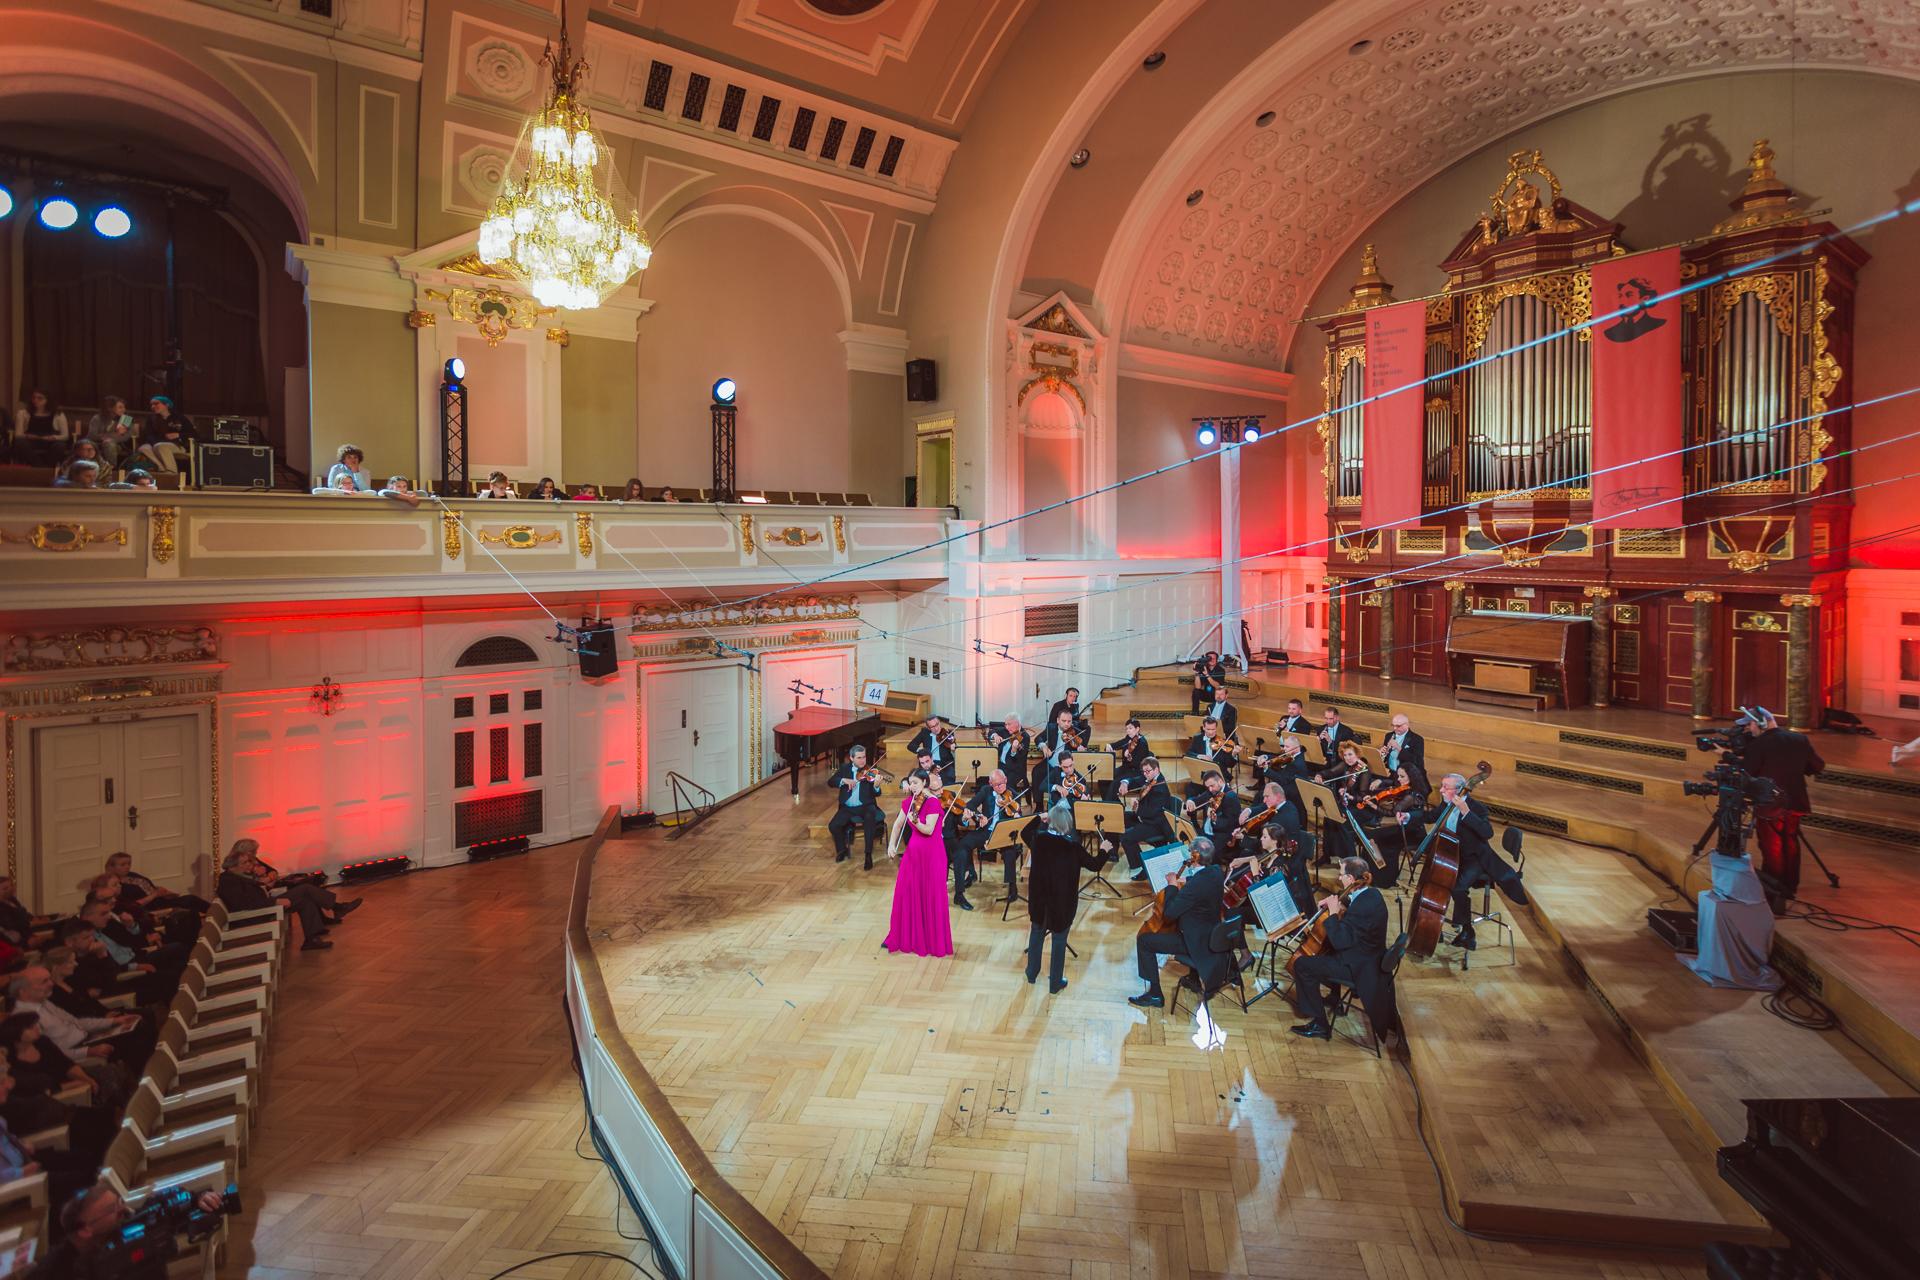 Veriko Tchumburidze zagrała w Poznaniu z Orkiestrą Kameralną Polskiego Radia Amadeus (27.11.2016)